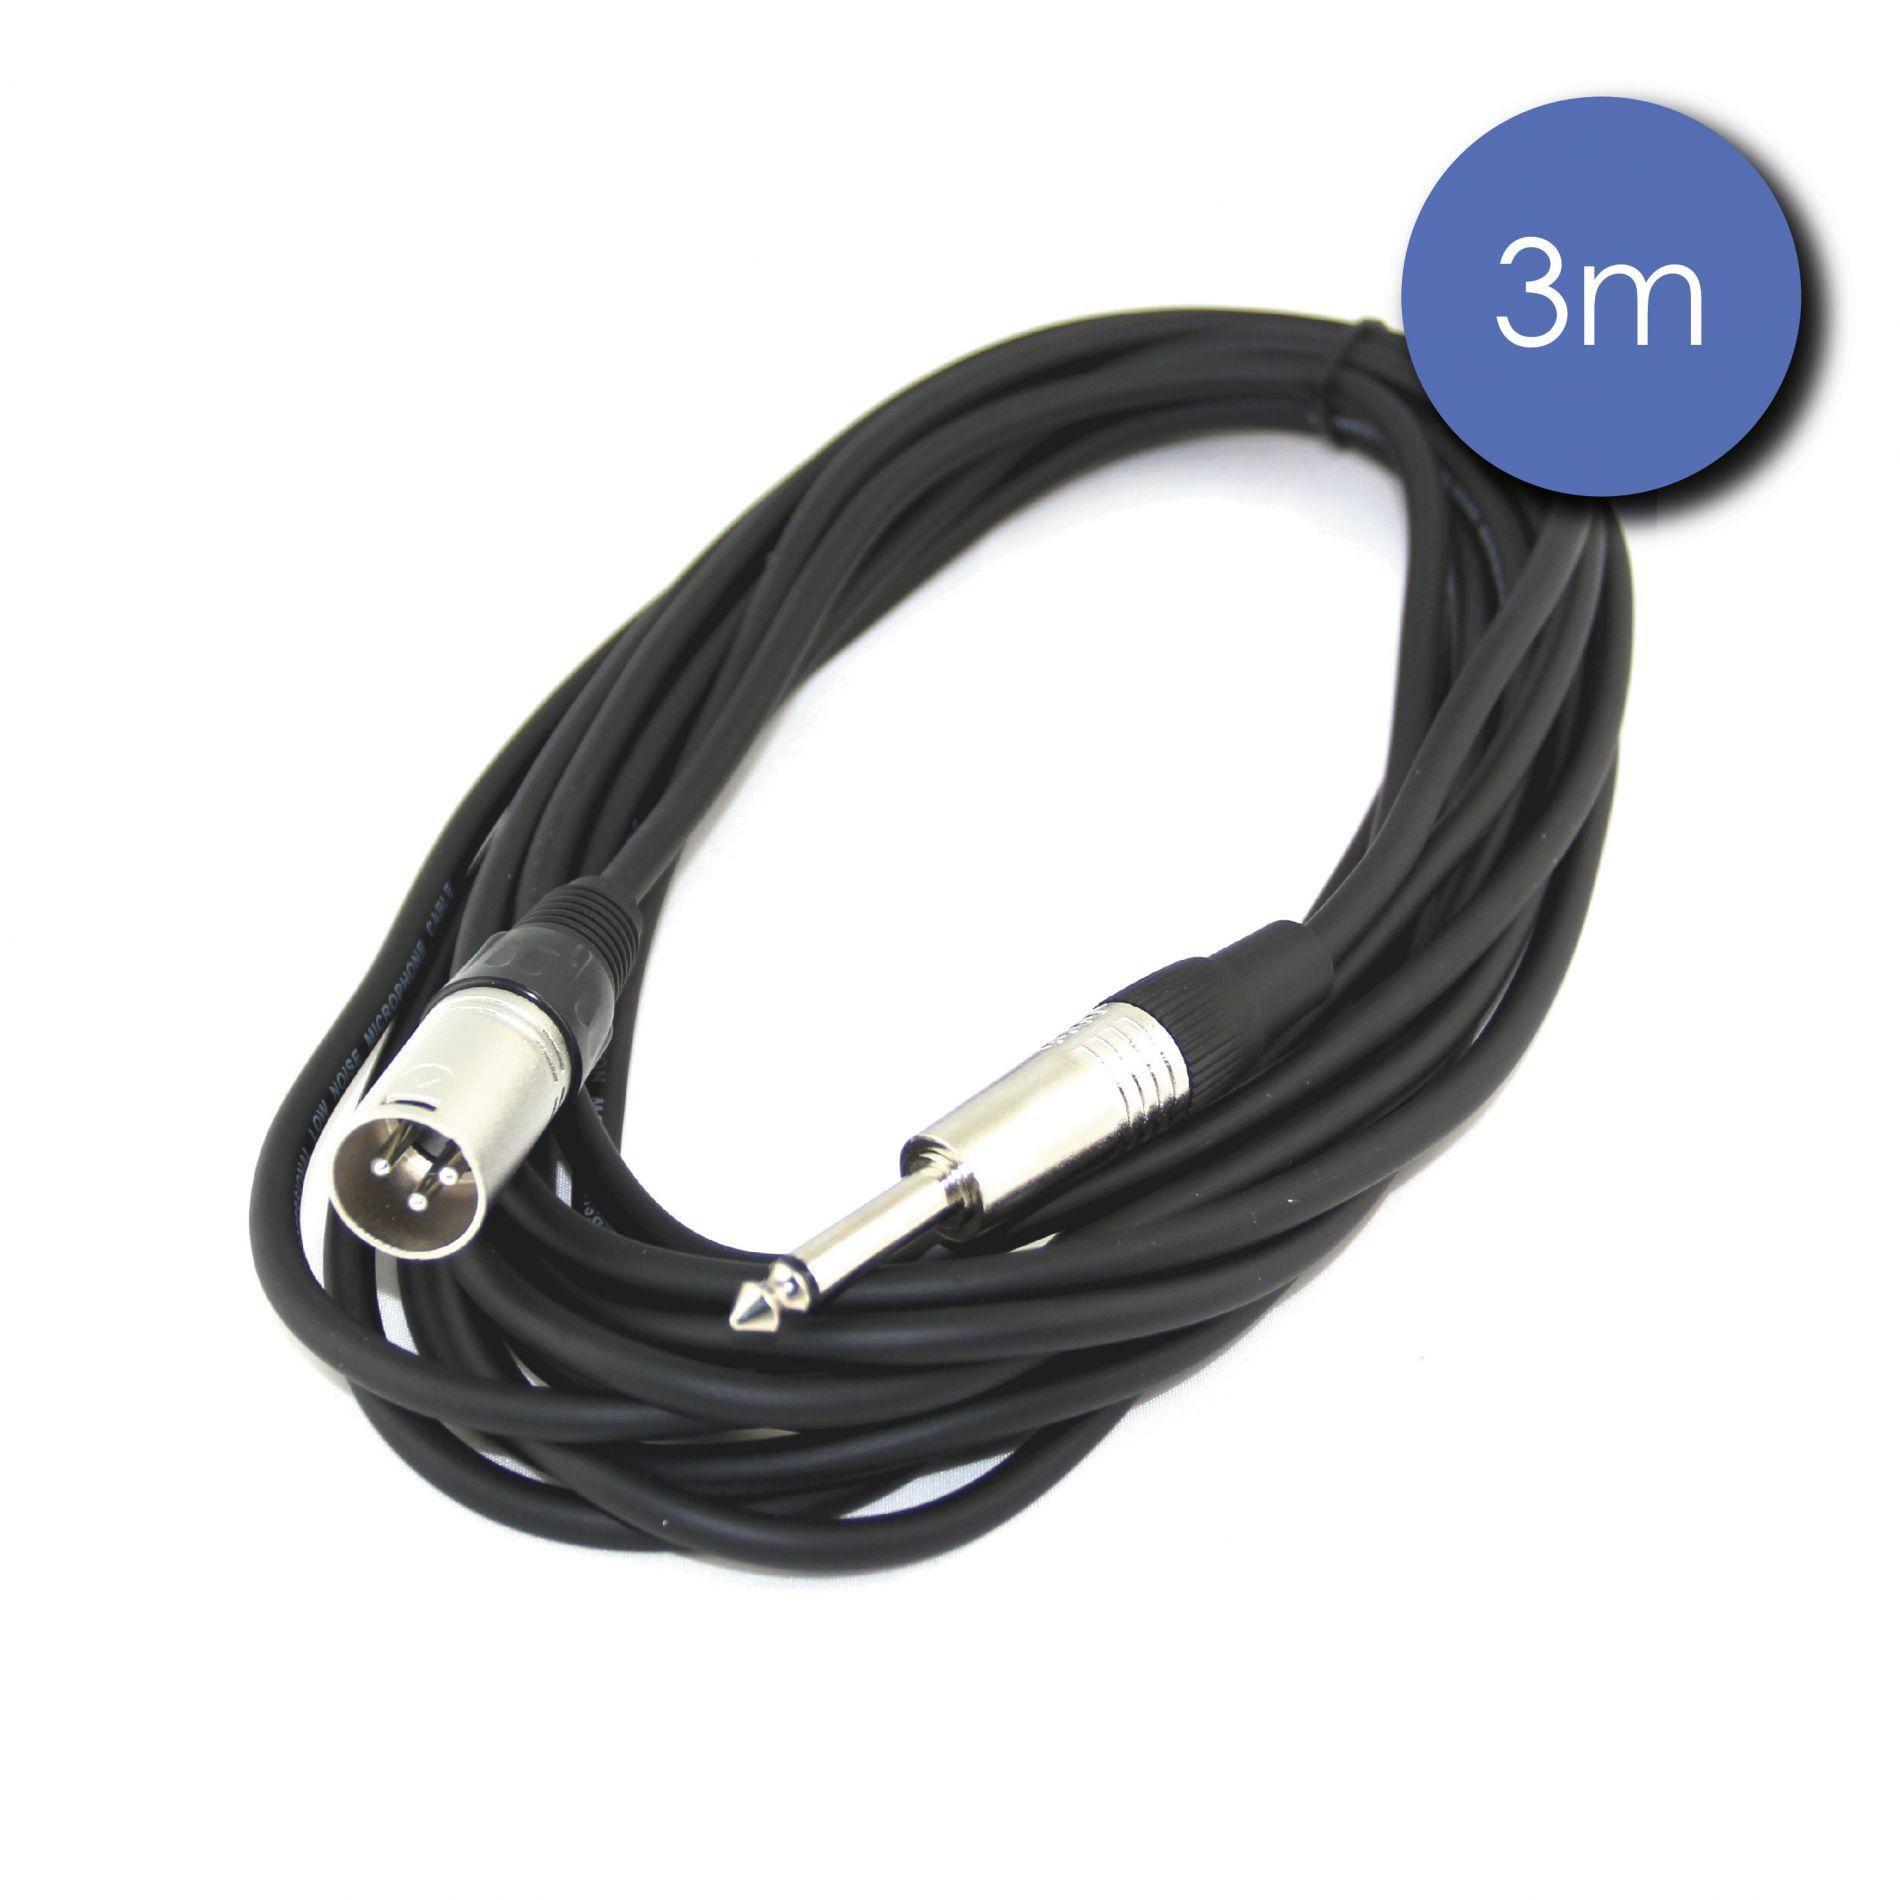 Câble 3m - JACK MONO Mâle - XLR 3 PIN Mâle